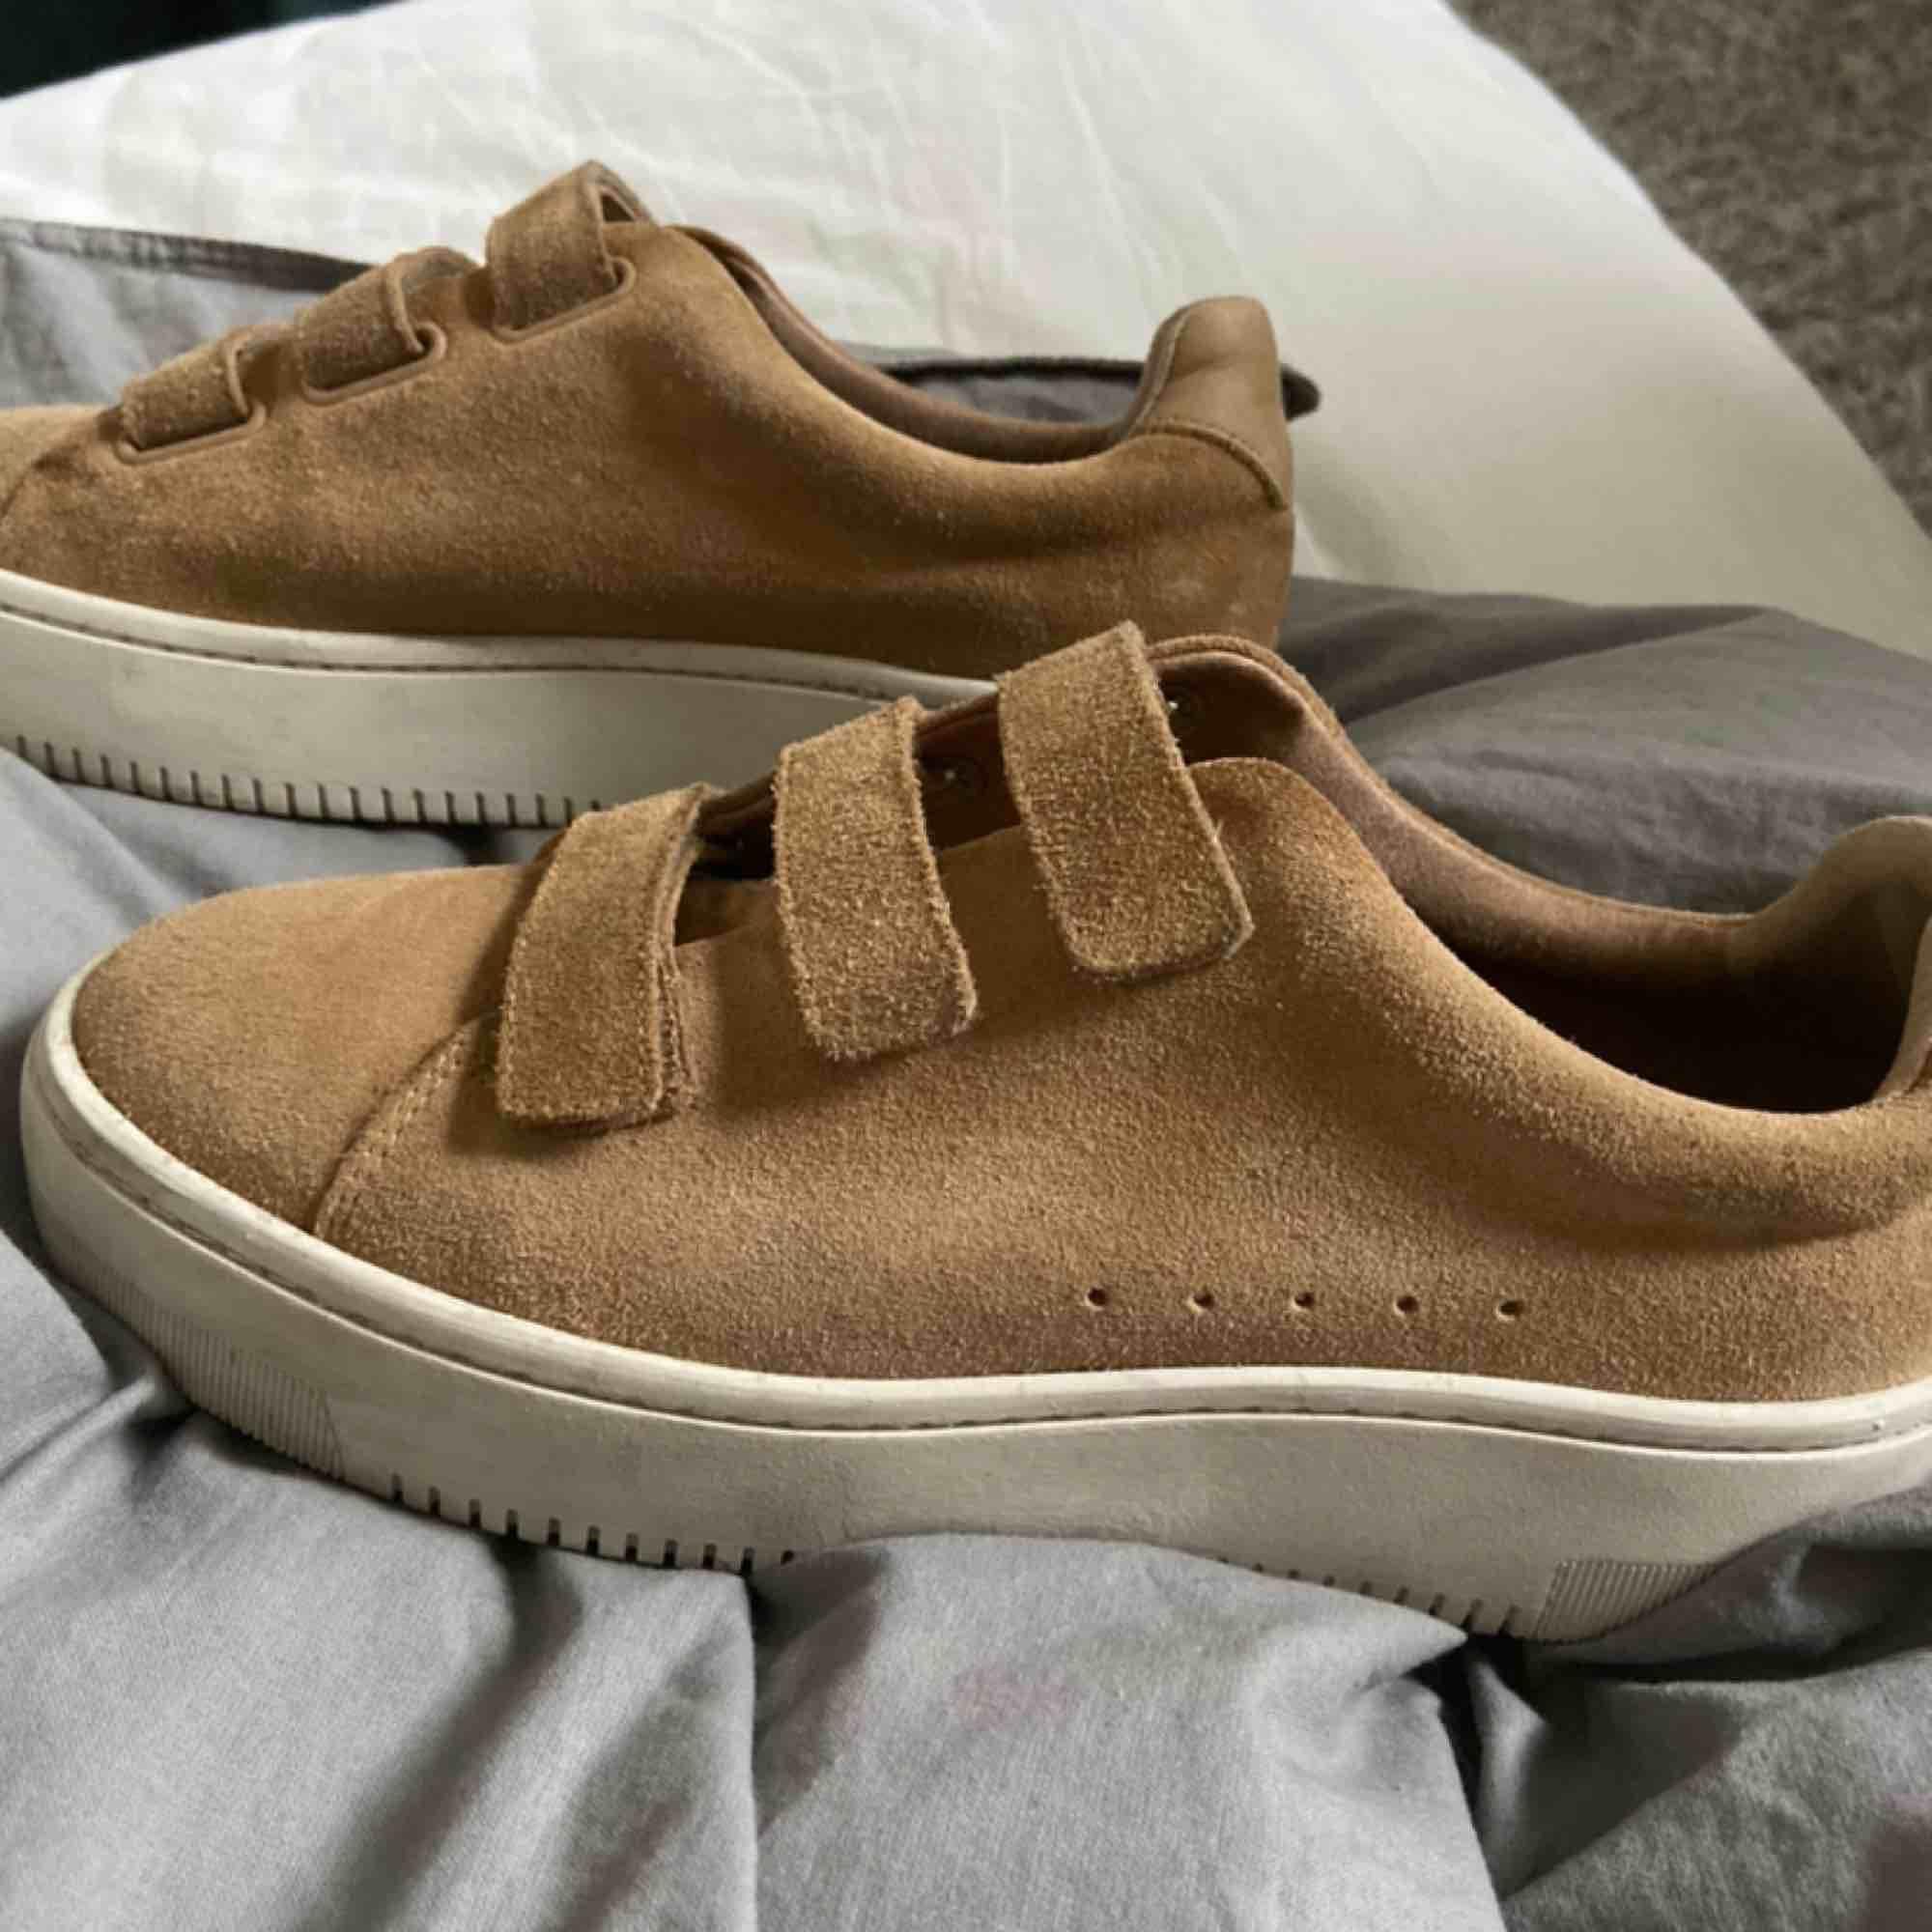 Sandro Paris skor strl 39 köpta för 2500kr Säljes pga ingen användning av dem! PRISET KAN DISKUTERAS! Dustbag finns. Skor.